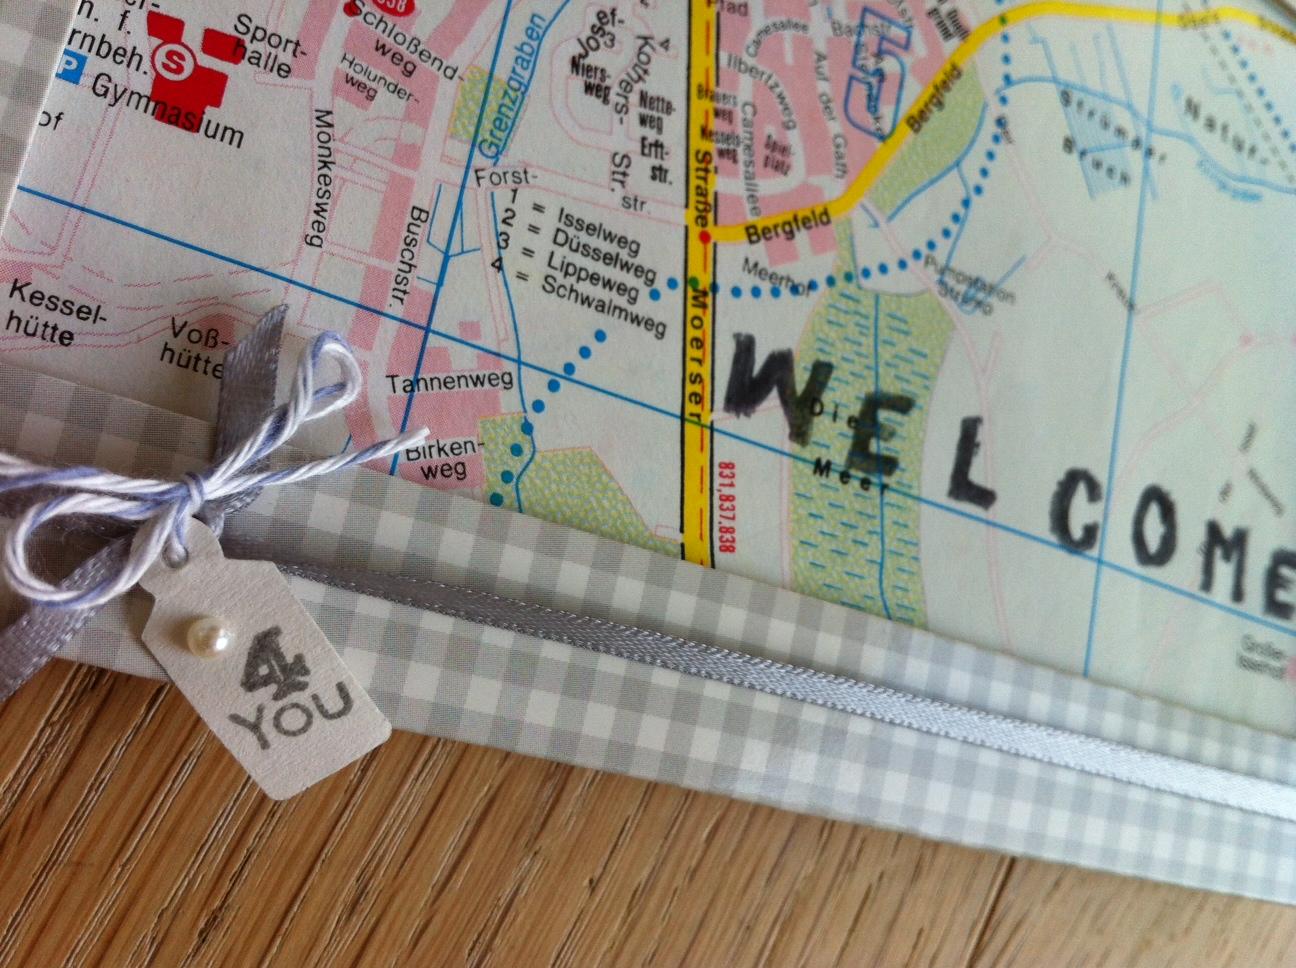 Mimi art nrw herzlich willkommen for Abschiedsgeschenk auslandsjahr